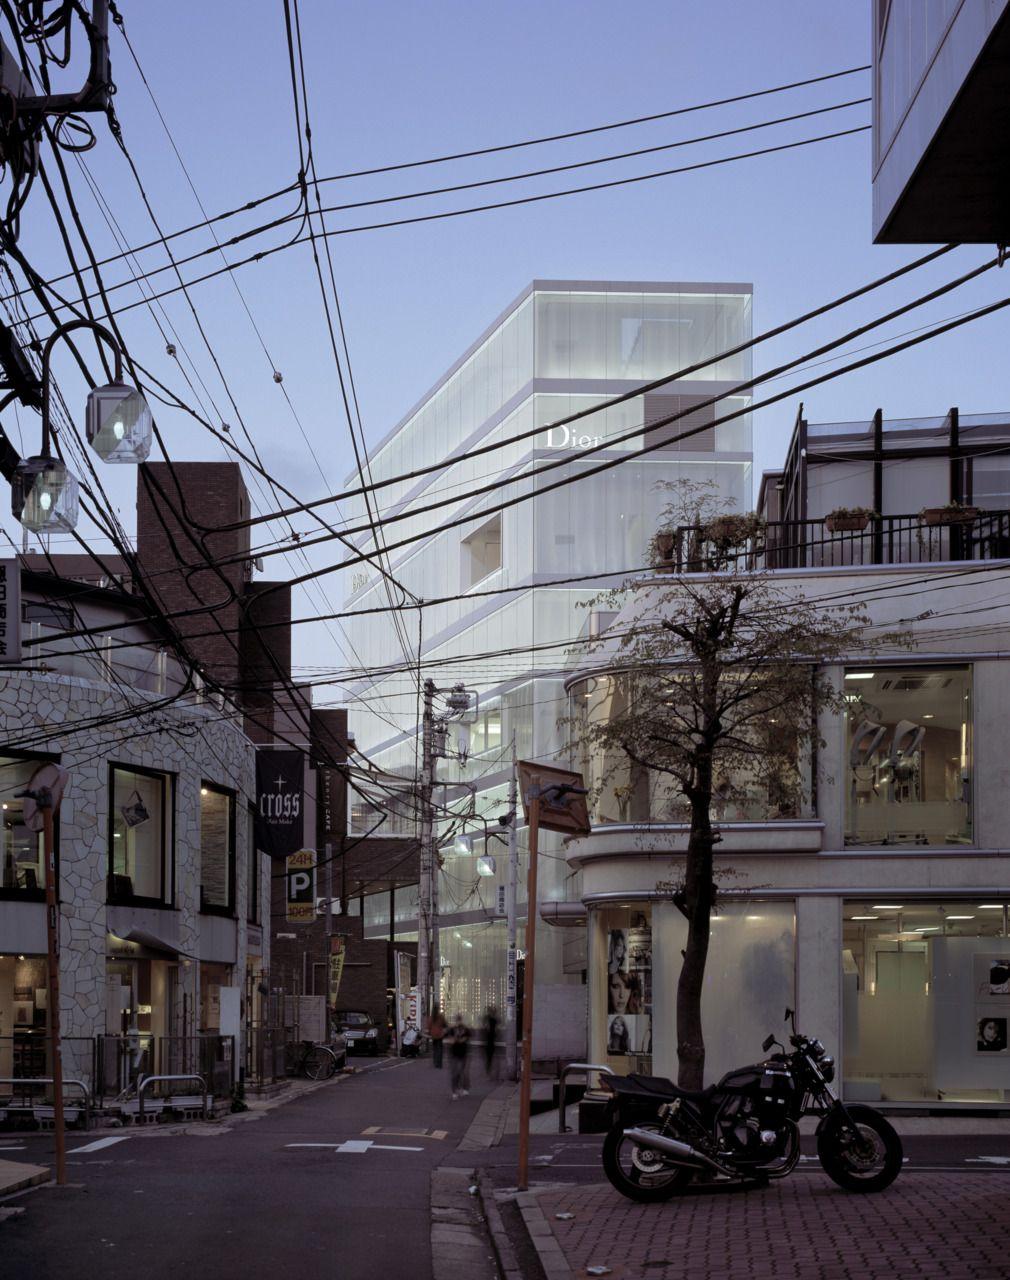 Christian dior omotesando tokyo sanaa arch box architektur - Japanische innenarchitektur ...